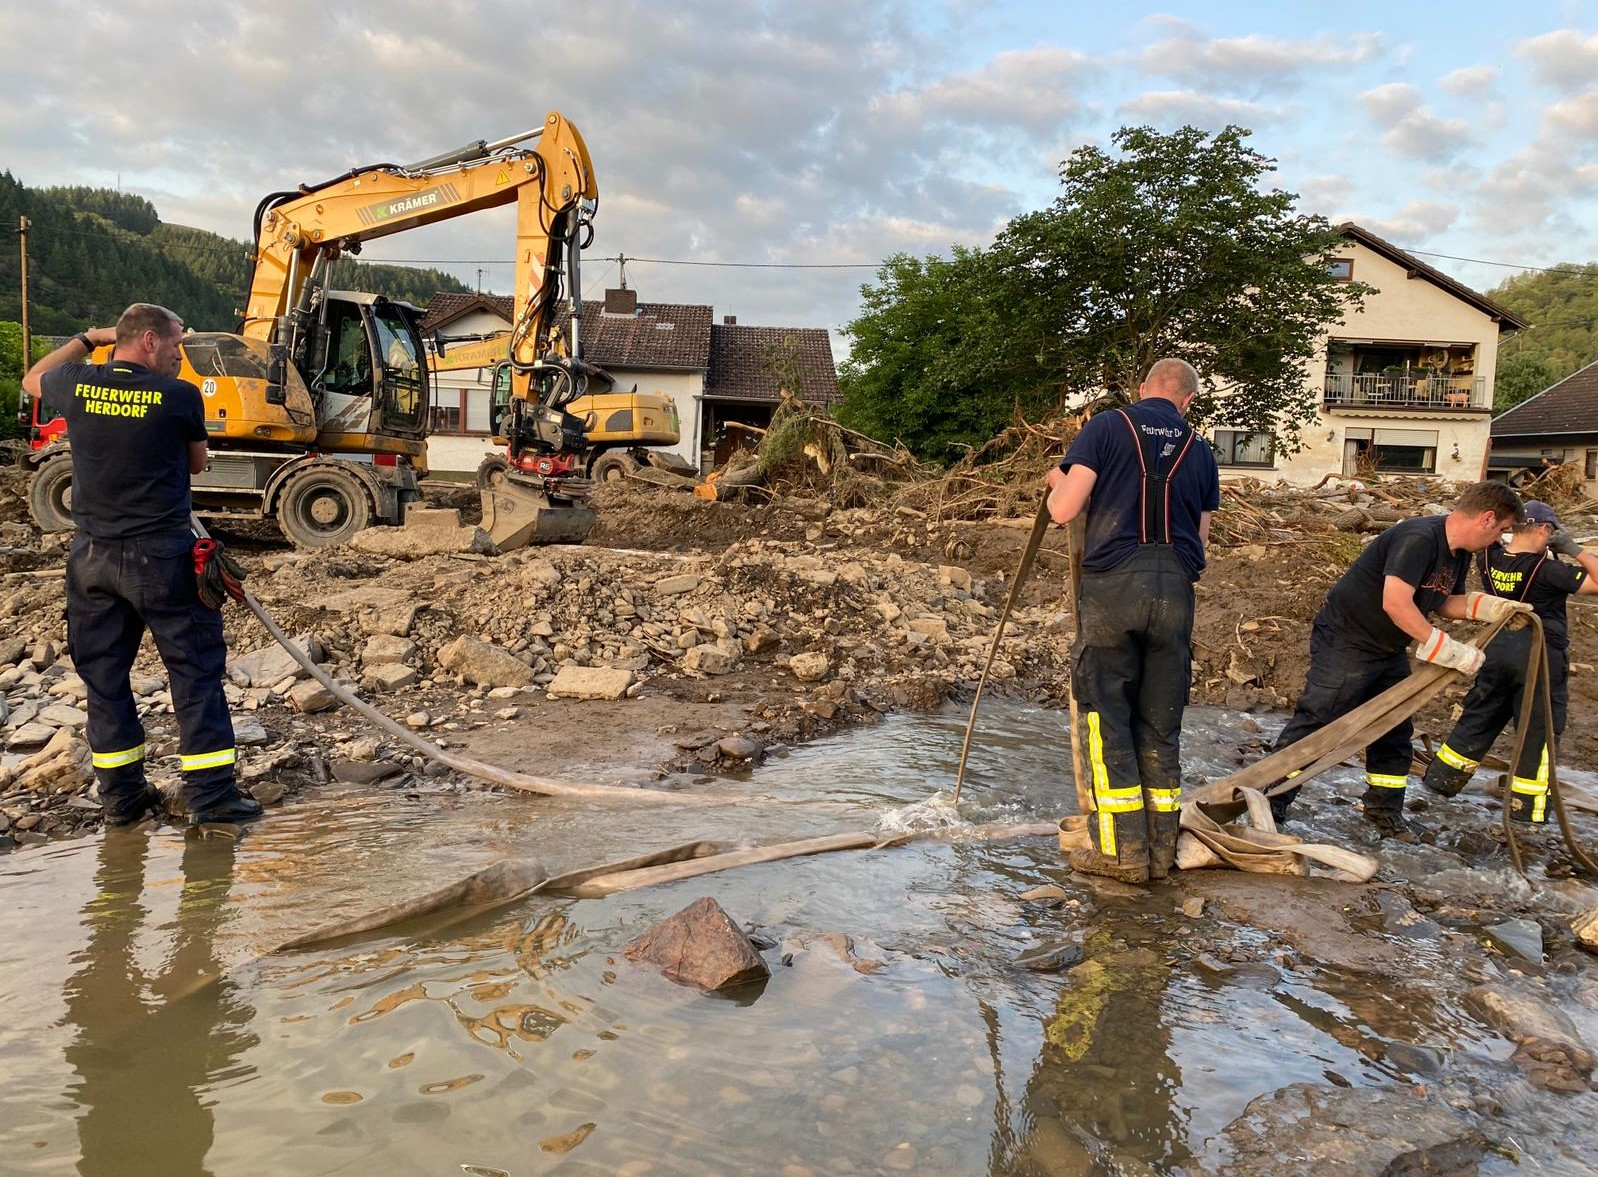 Die örtlichen Einsatzkräfte leisteten vor Ort große Hilfe. Foto: Kreisverwaltung